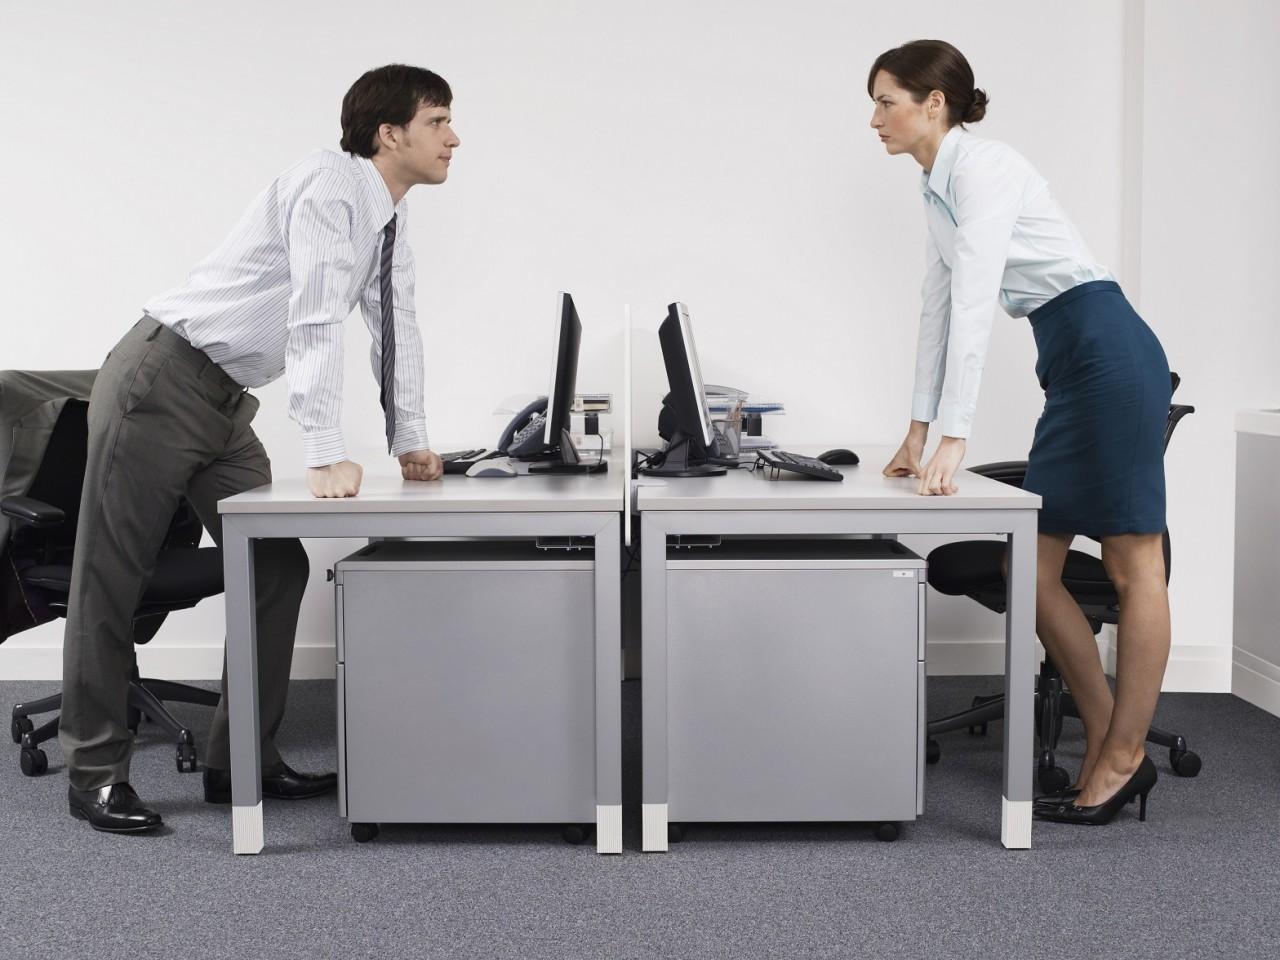 Trucs & Astuces #319 - Quand le compromis n'est pas une approche souhaitable